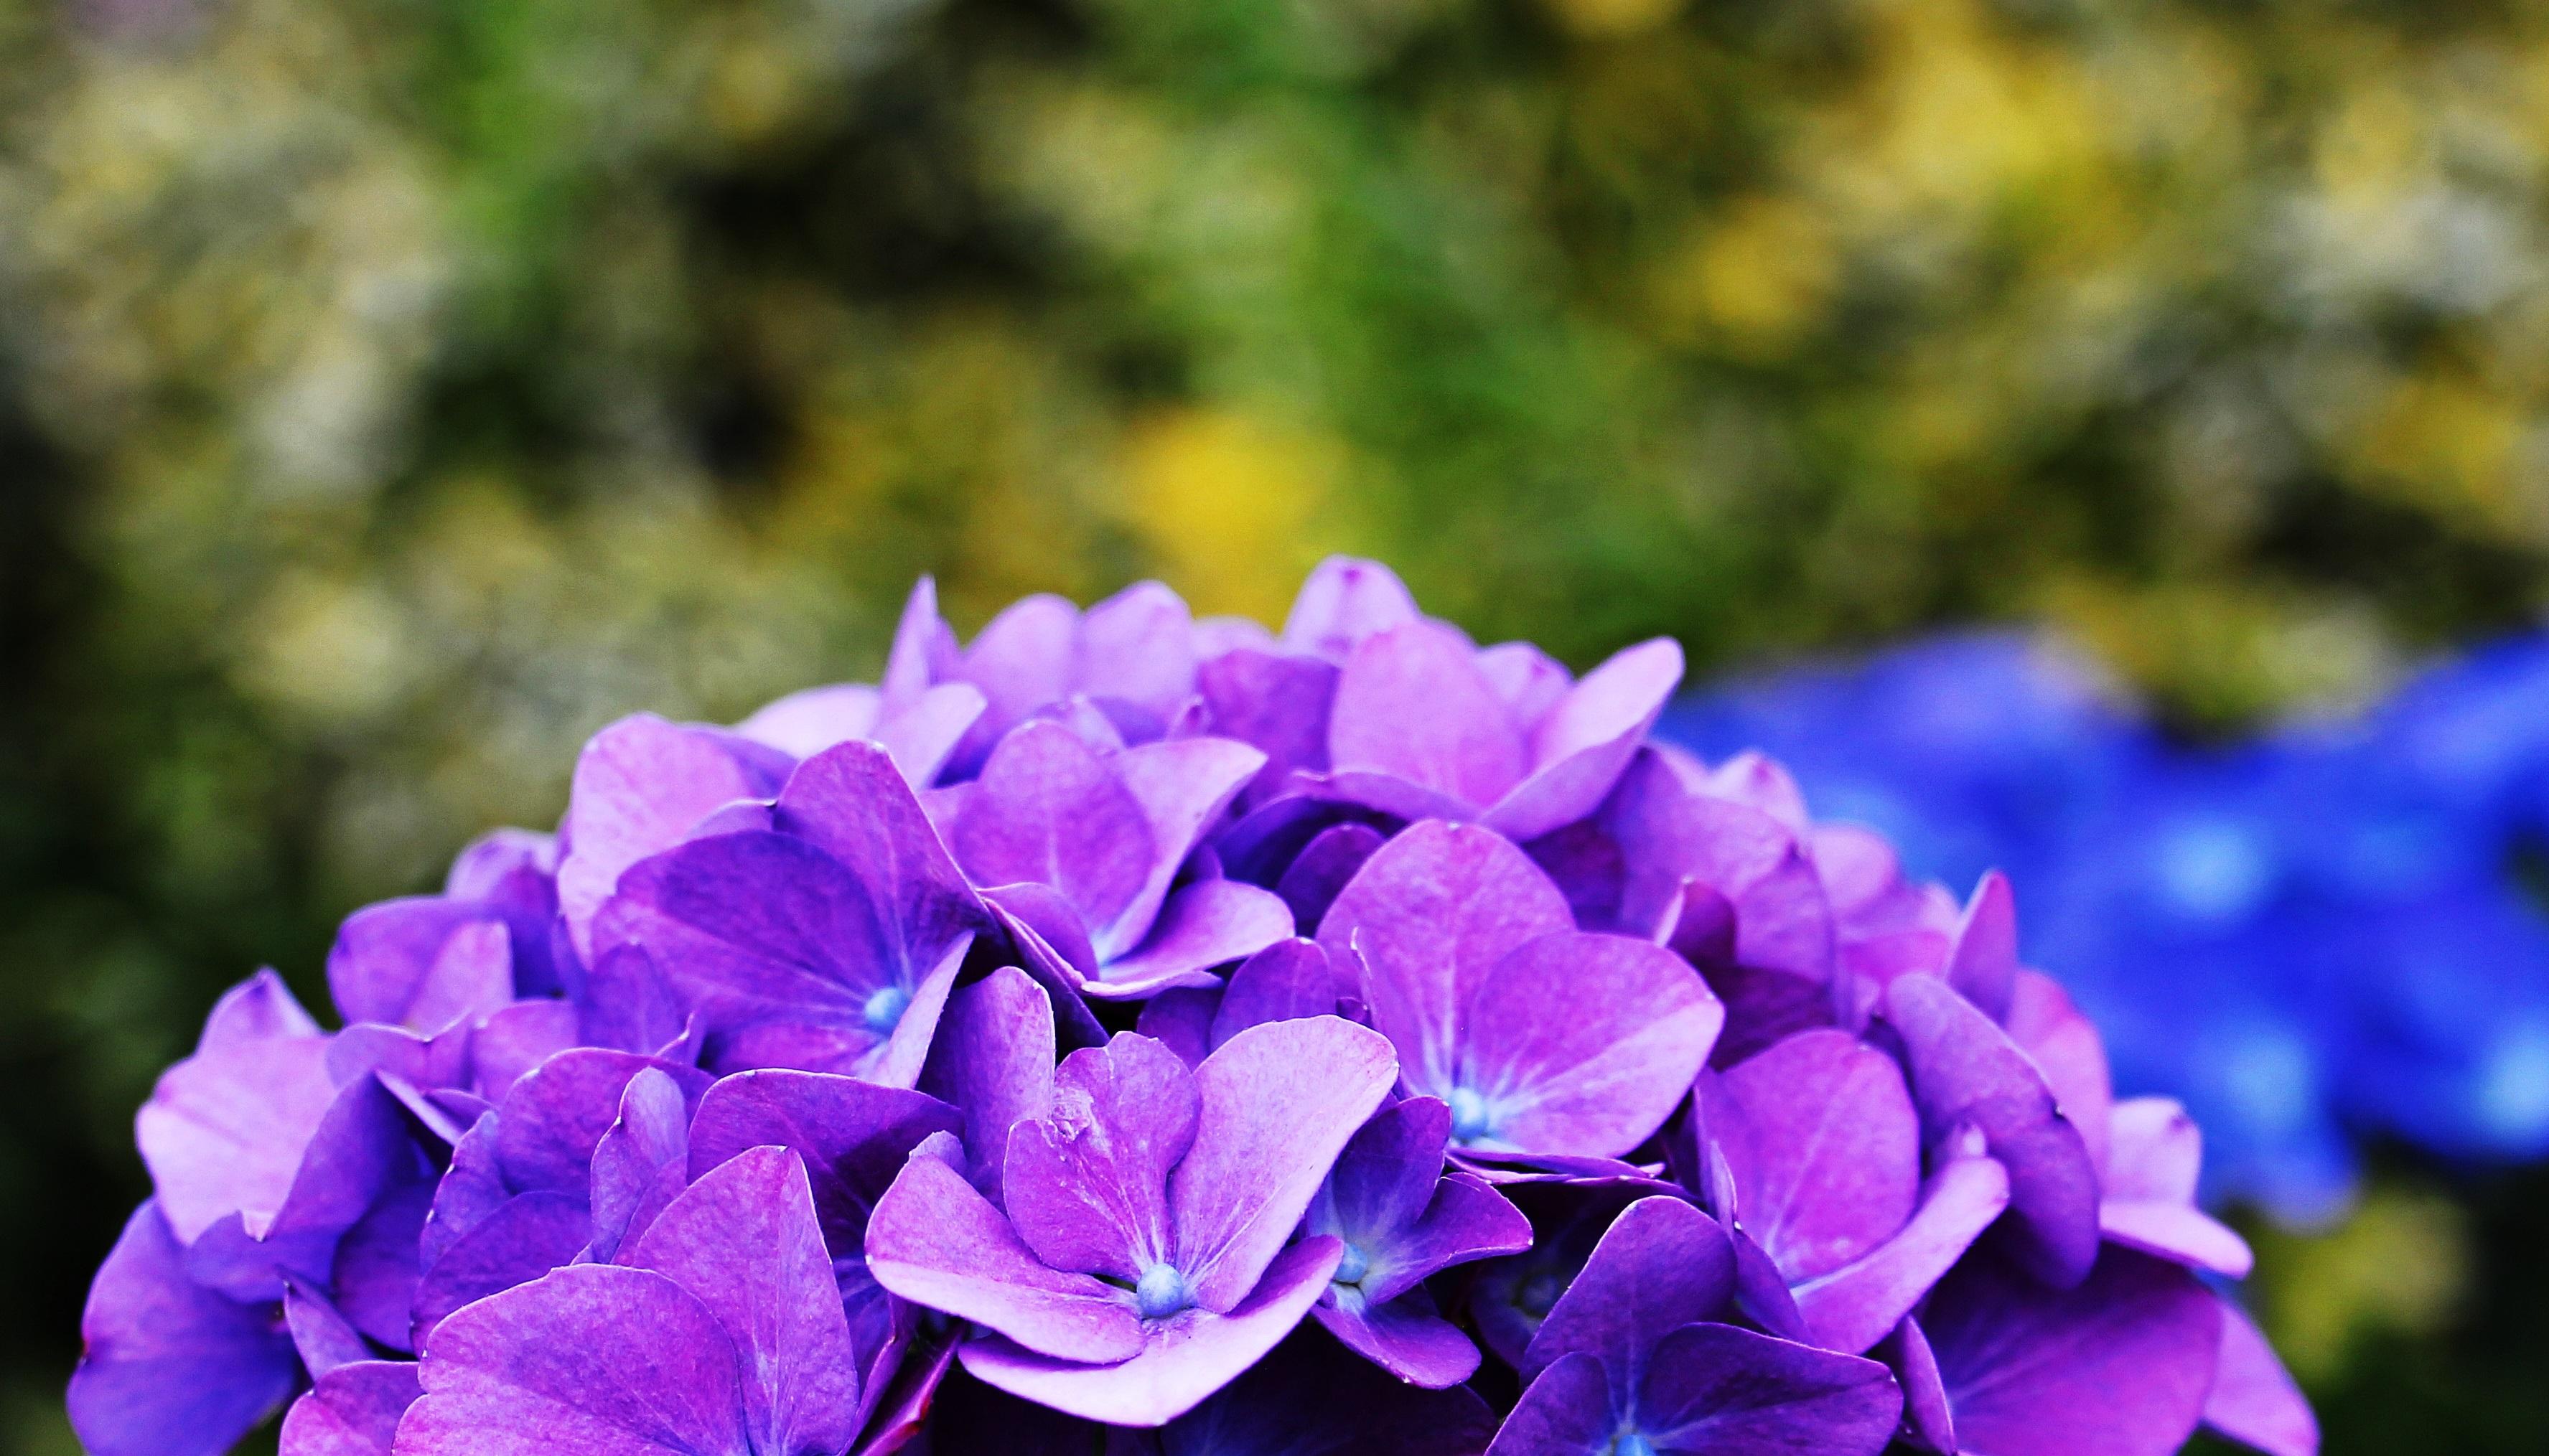 картинки с цветами фиолетово-синего молоды